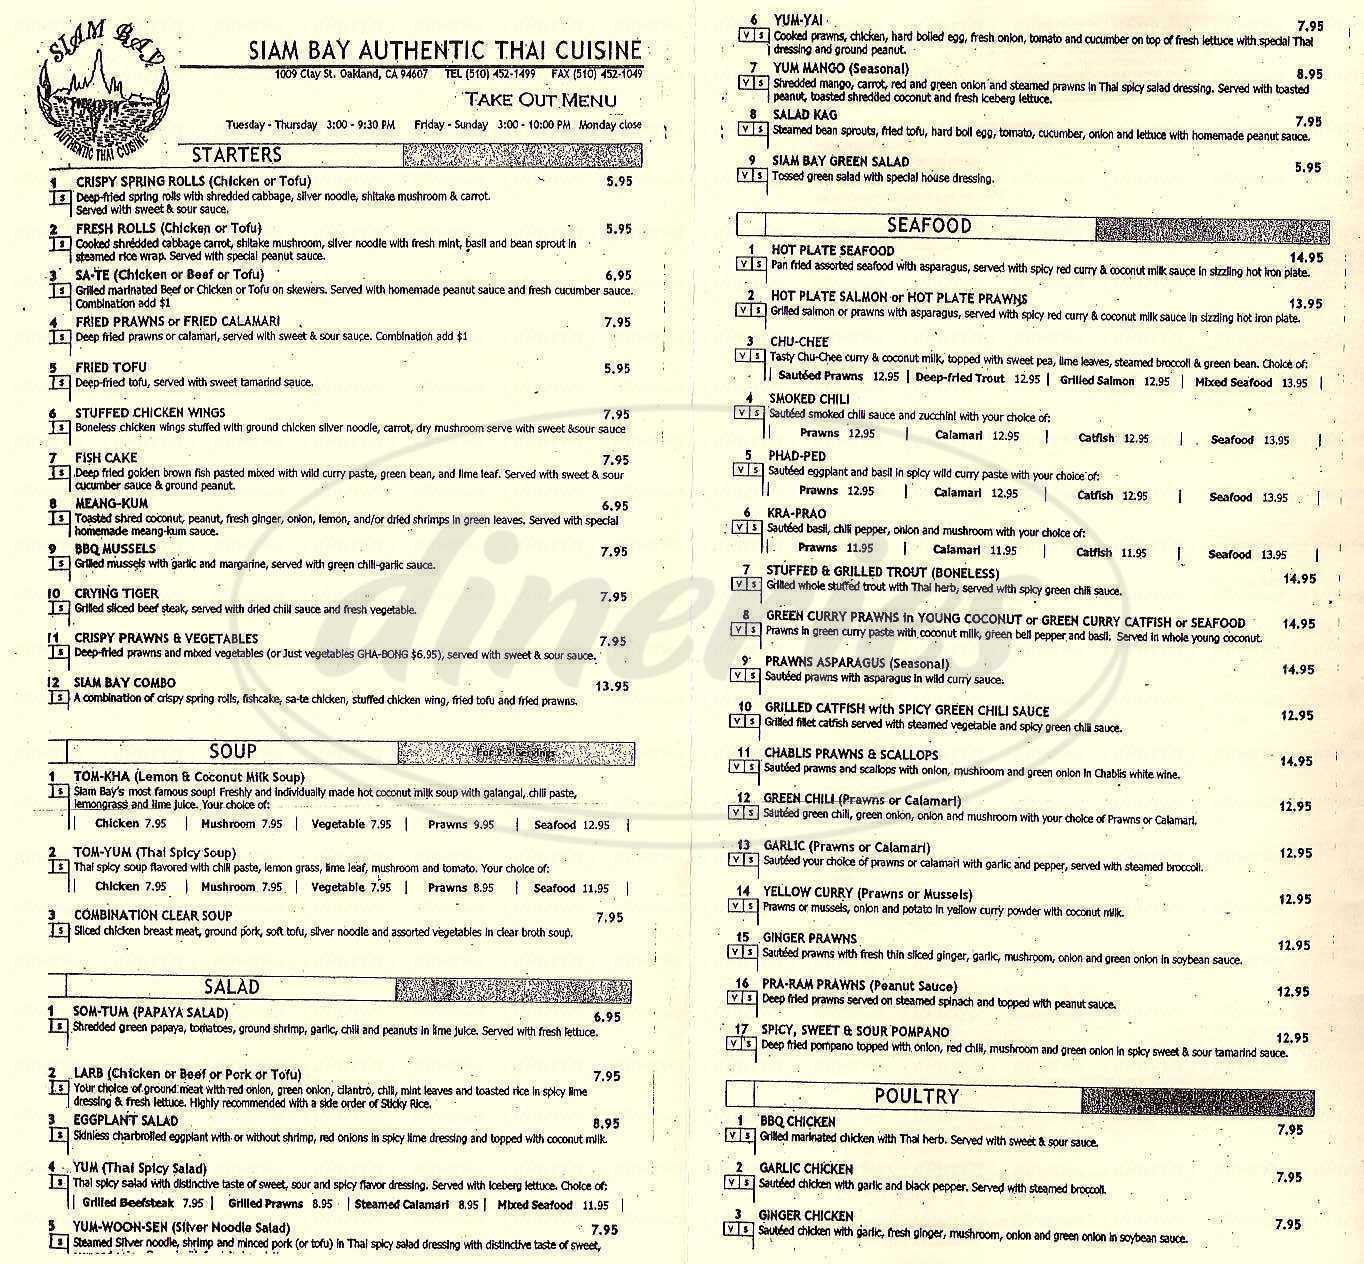 menu for Siam Bay Authentic Thai